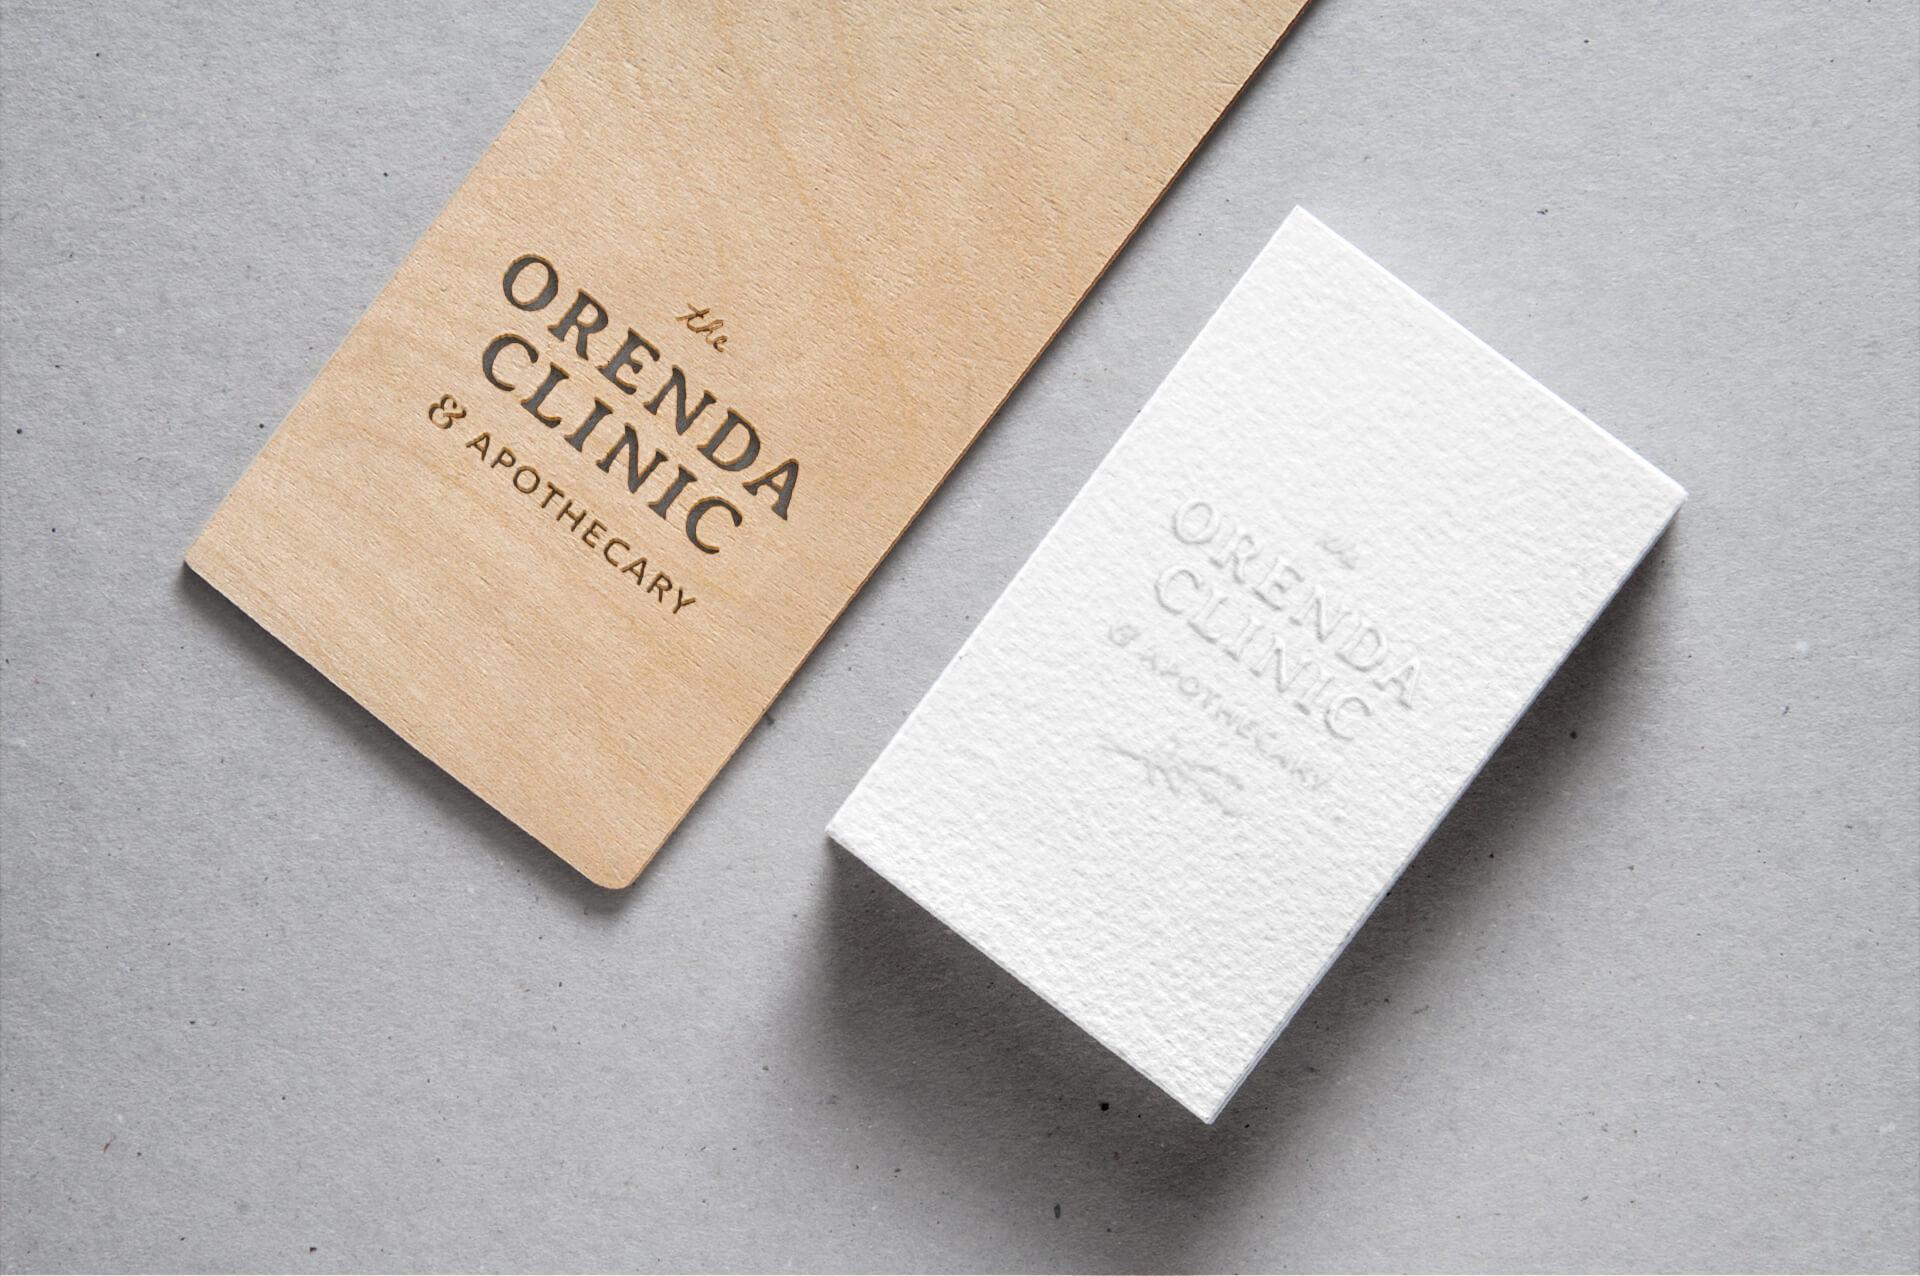 orenda clinic apothecary brand identity marketing materials